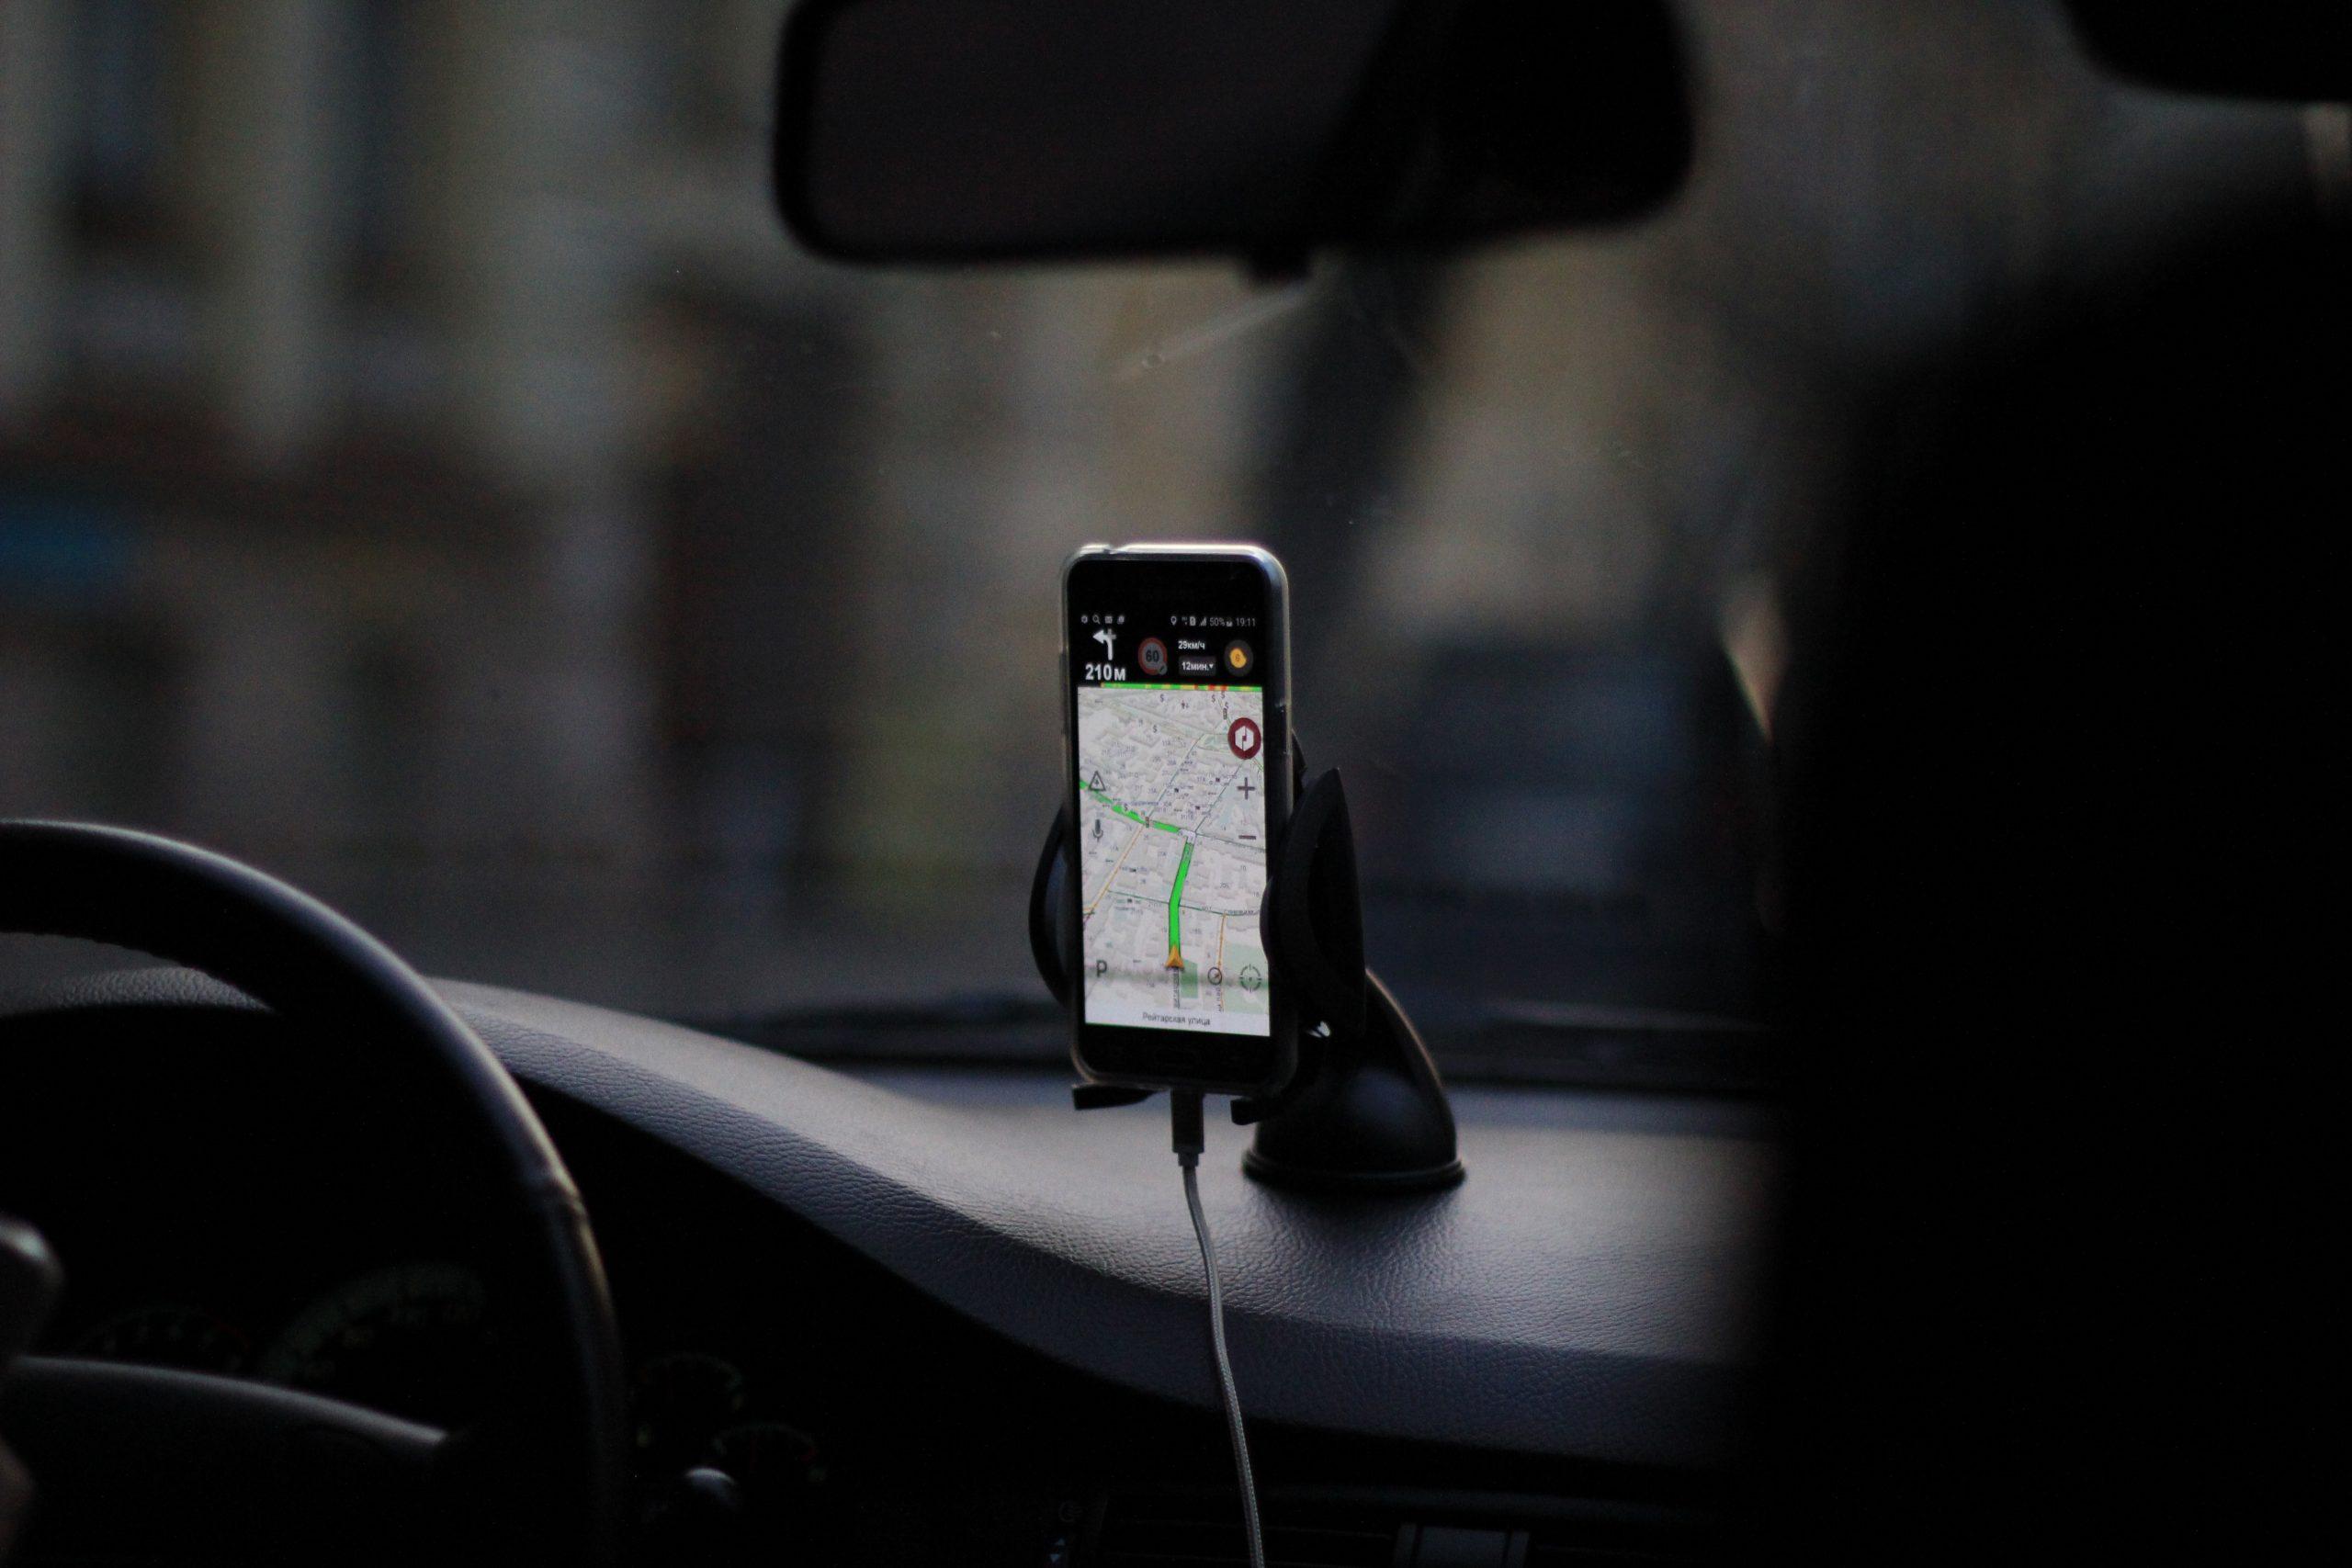 Le support de téléphone pour voiture : très pratique pour s'organiser en voiture